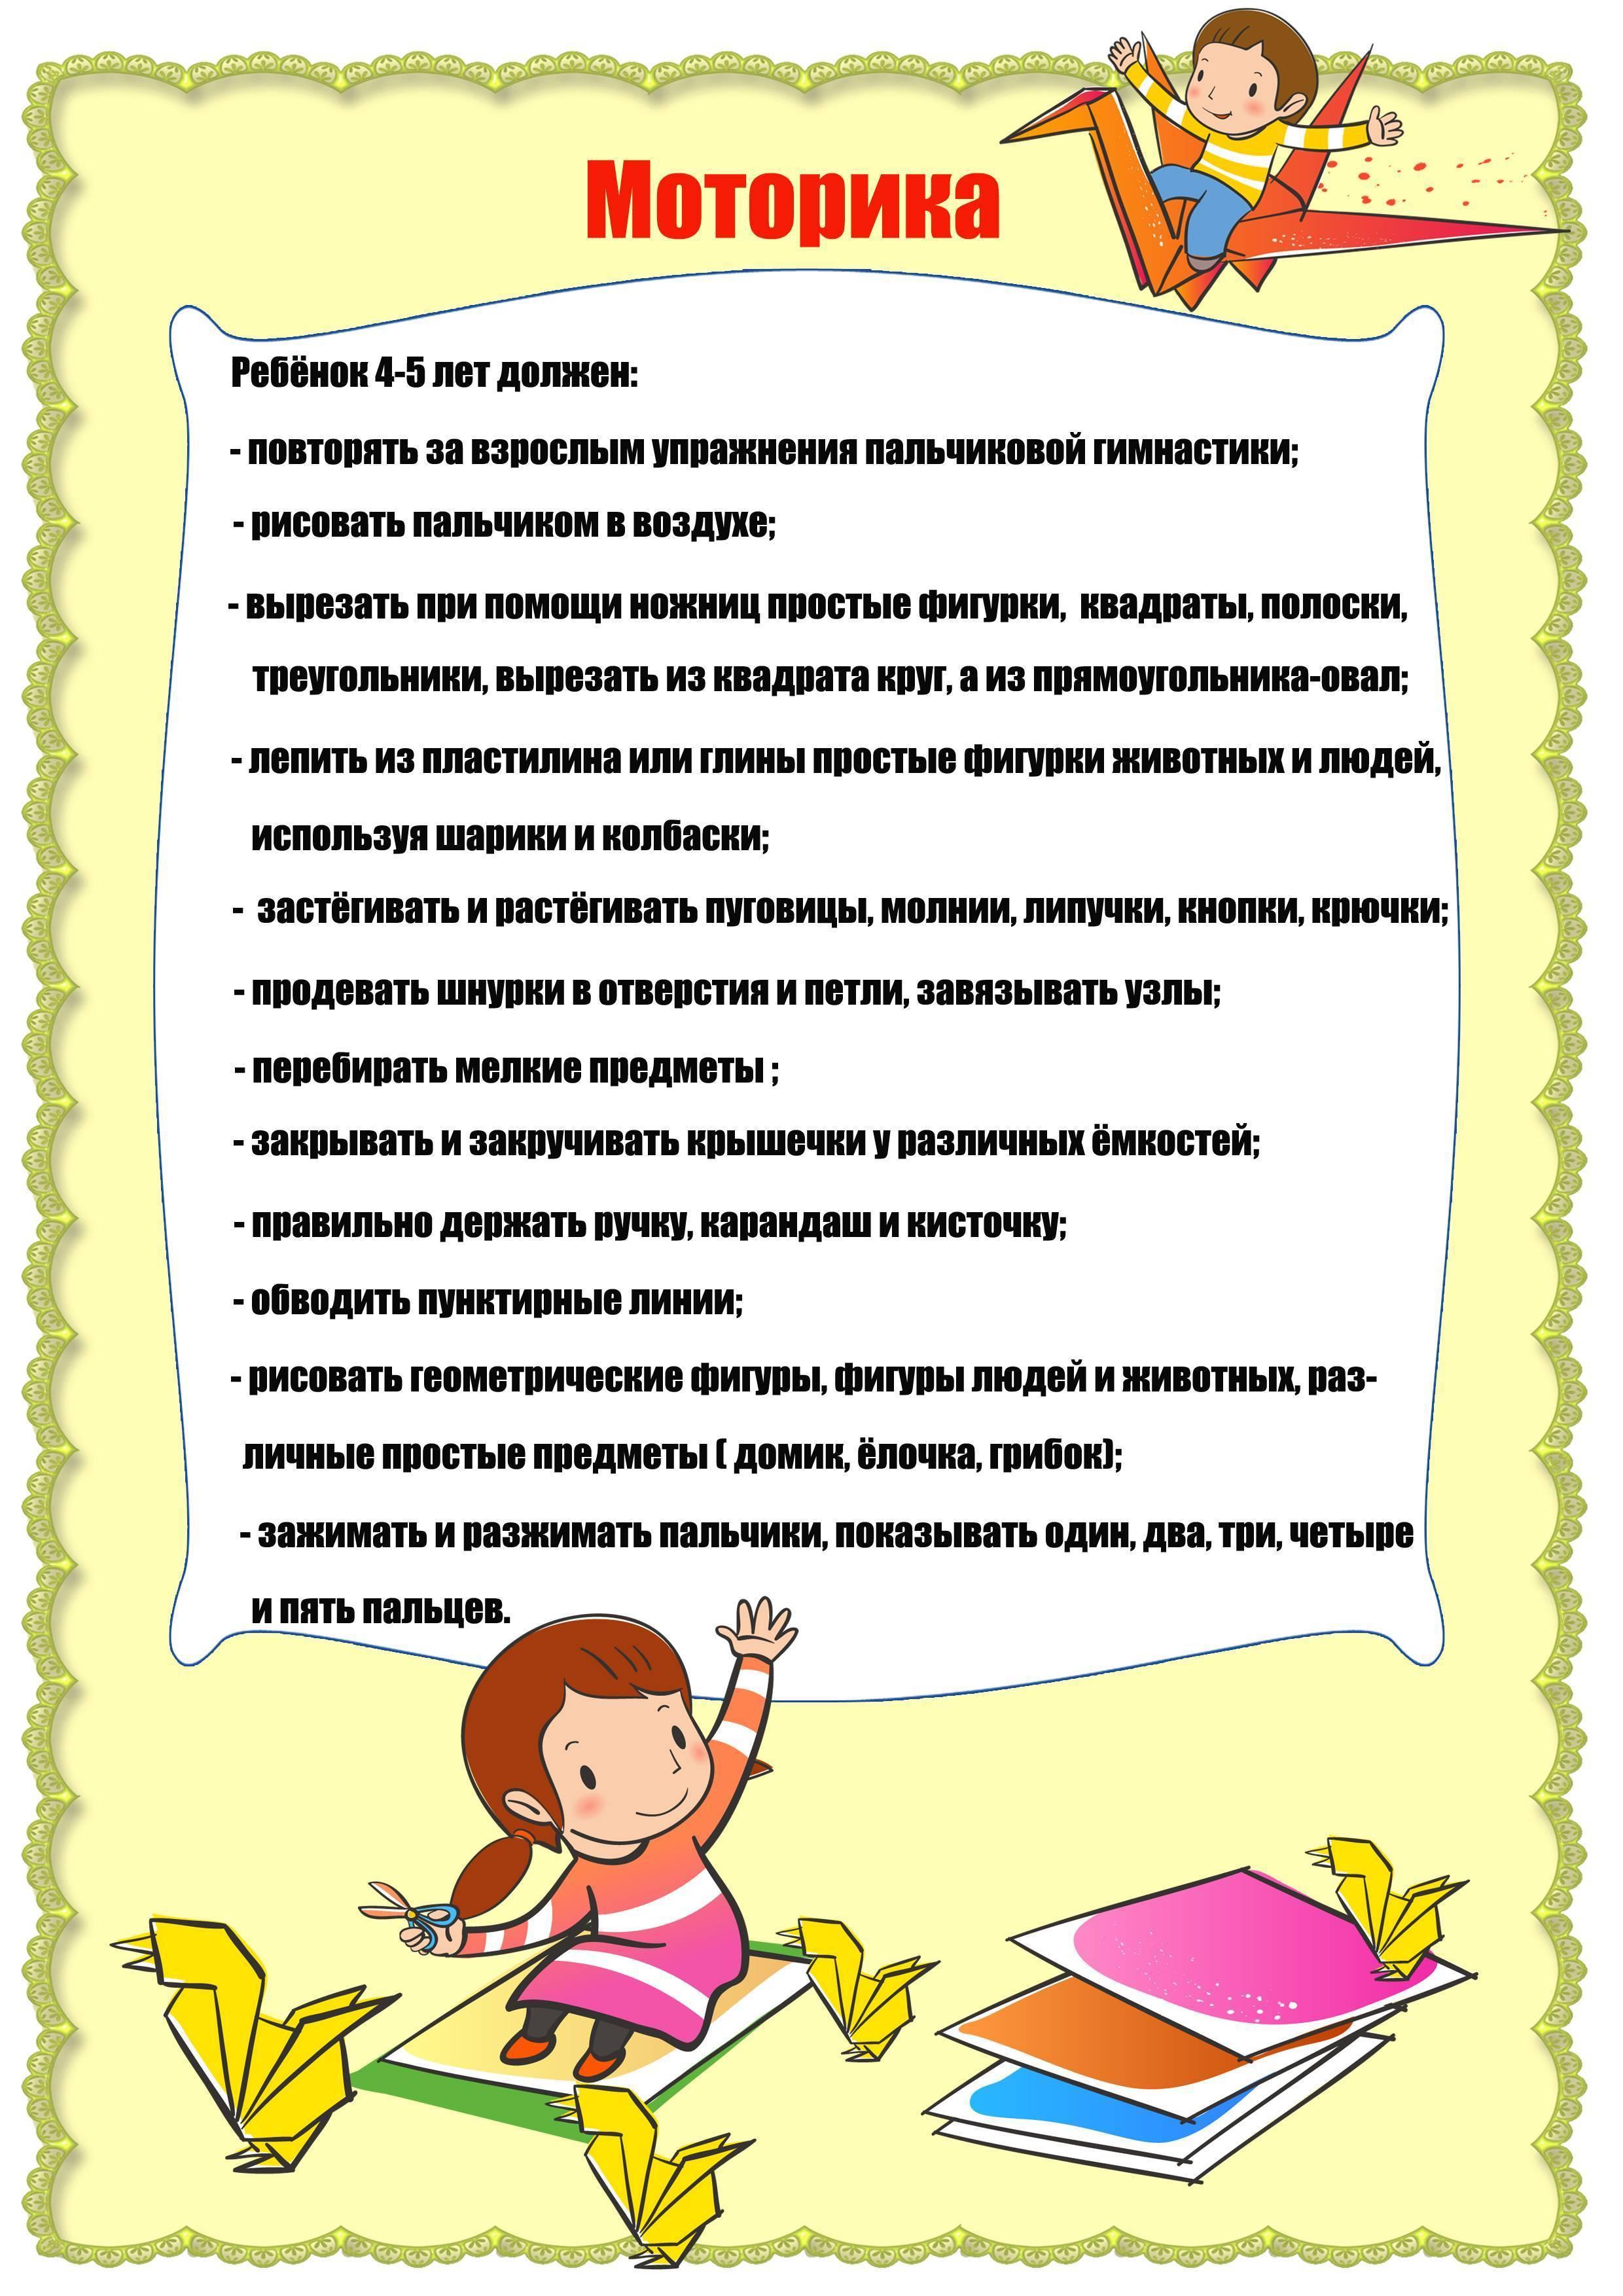 Дошкольное развитие ребенка 4 5 лет: как обучать малыша играючи